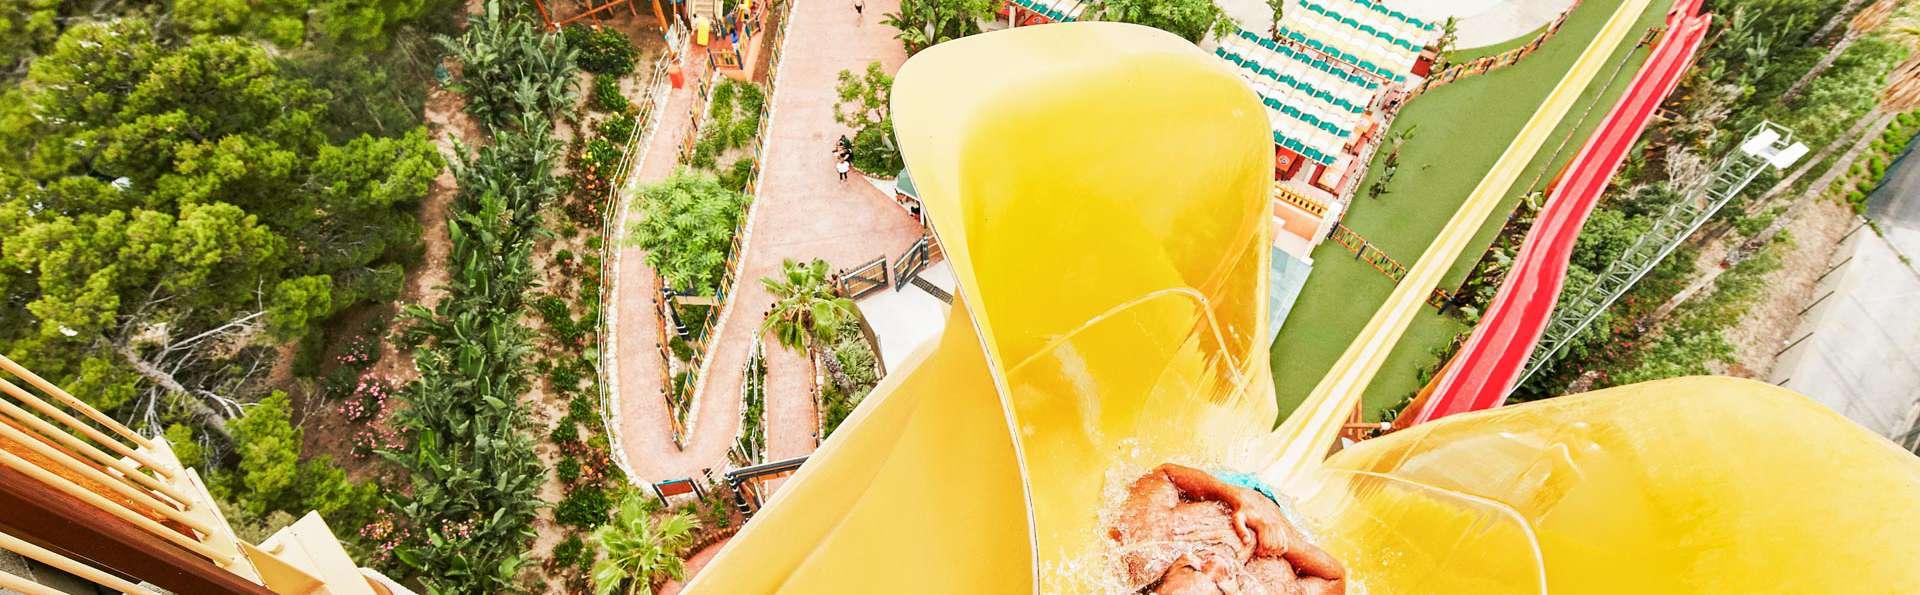 Diversión sobre el agua : aventúrate junto a tu familia en el parque acuático de PortAventura World